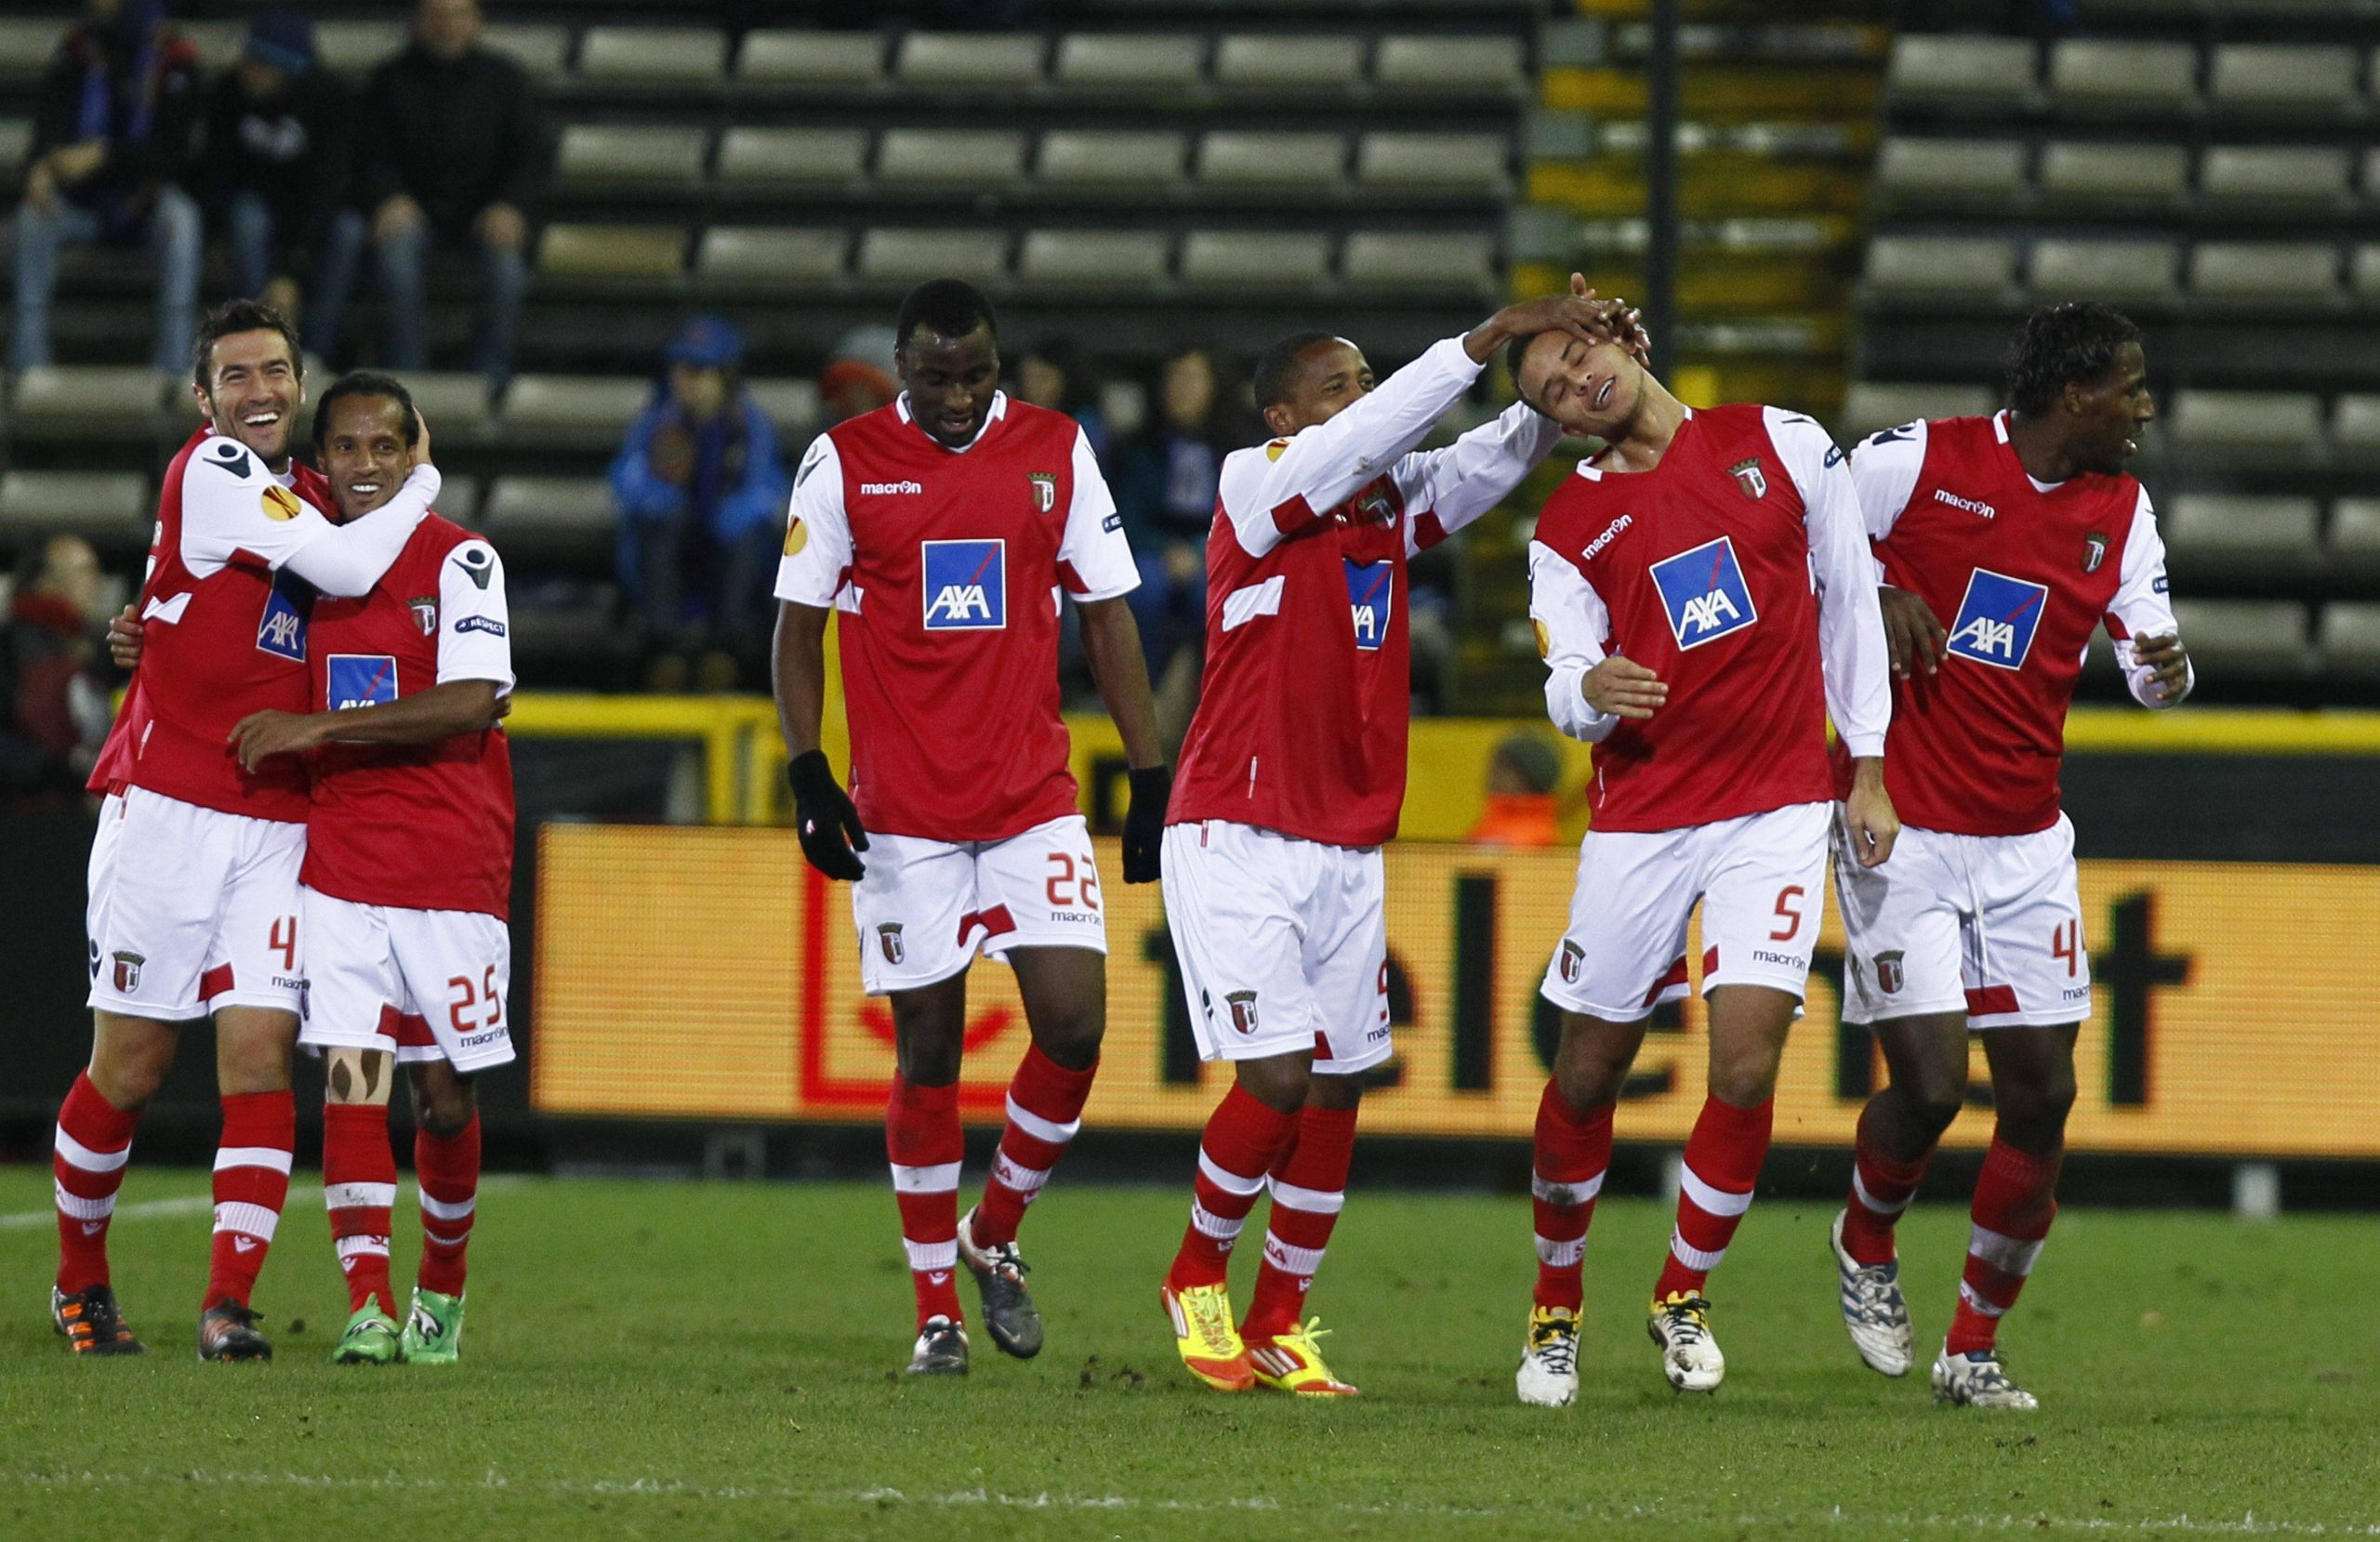 SC Braga face BRUGGE BELGIUM SC